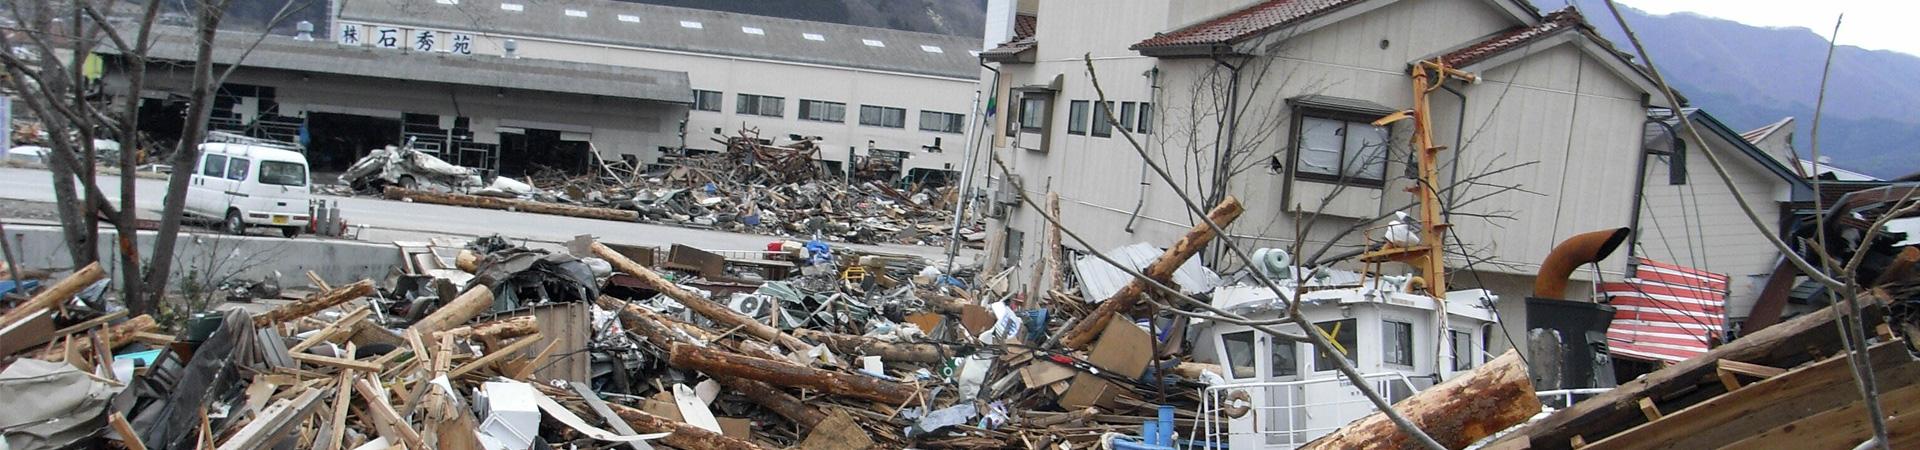 東日本大震災以降の被災者支援制度の課題の明確化と提案事業